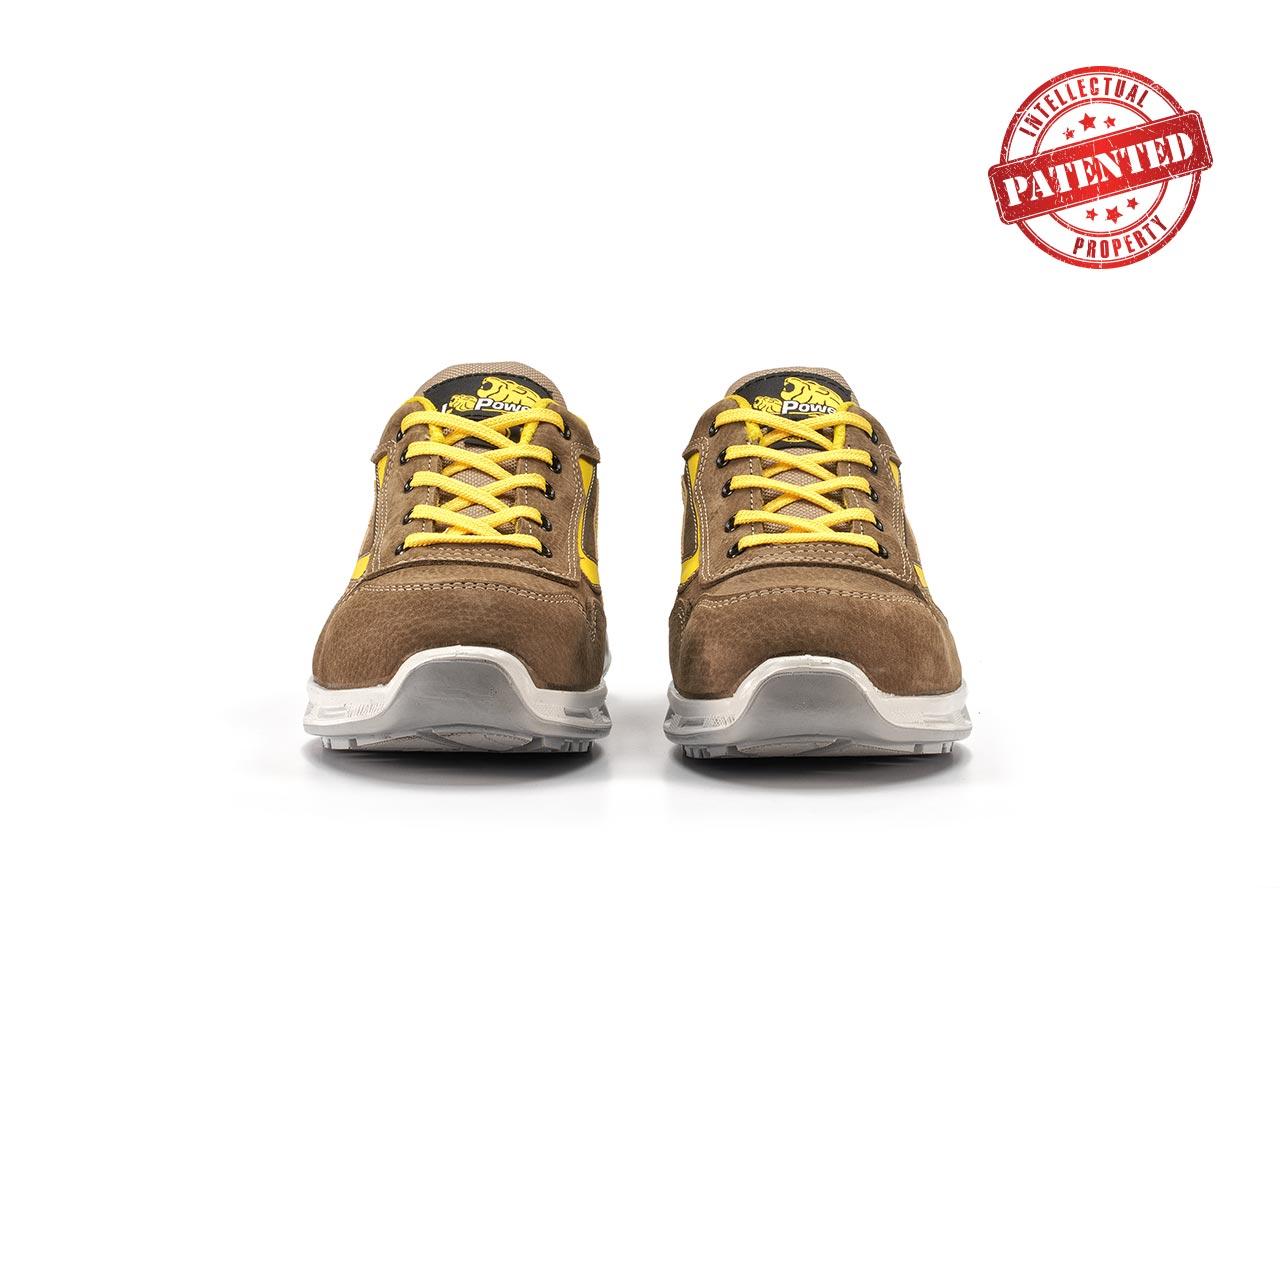 paio di scarpe antinfortunistiche upower modello brave linea redlion vista frontale